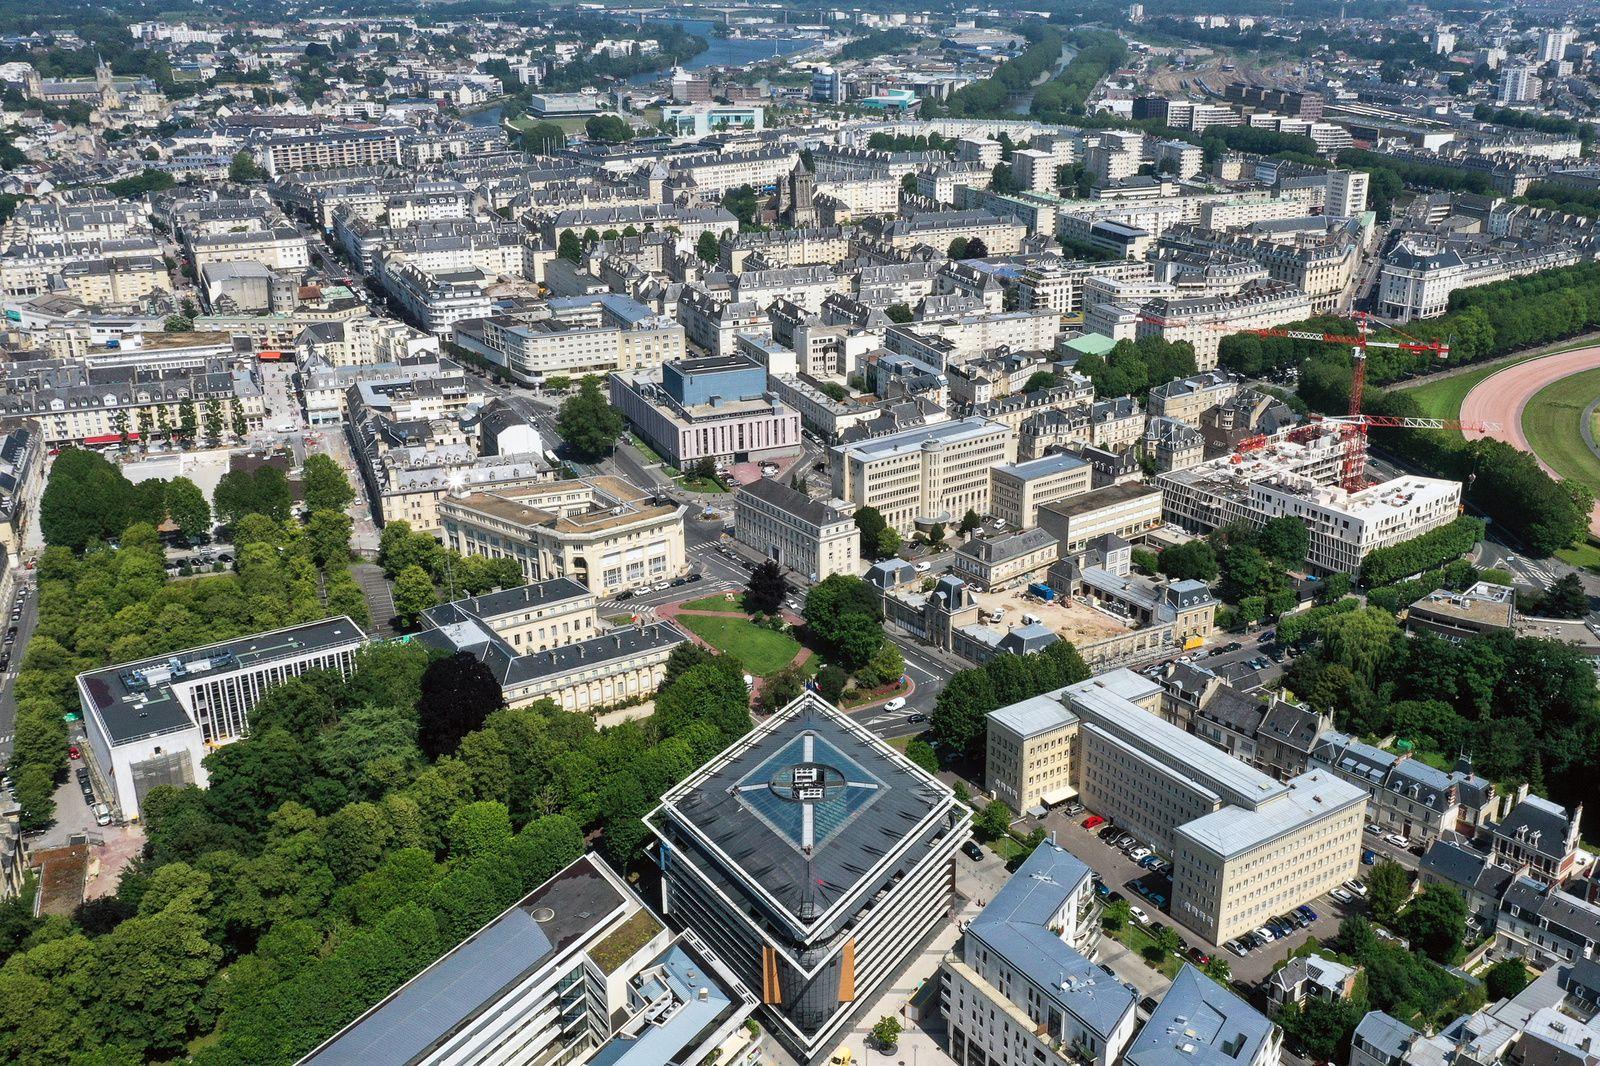 Le Tribunal de Caen cité Gardin, comme une boussole orientée vers le centre ville de Caen. Photo aérienne François Monier, juin 2019